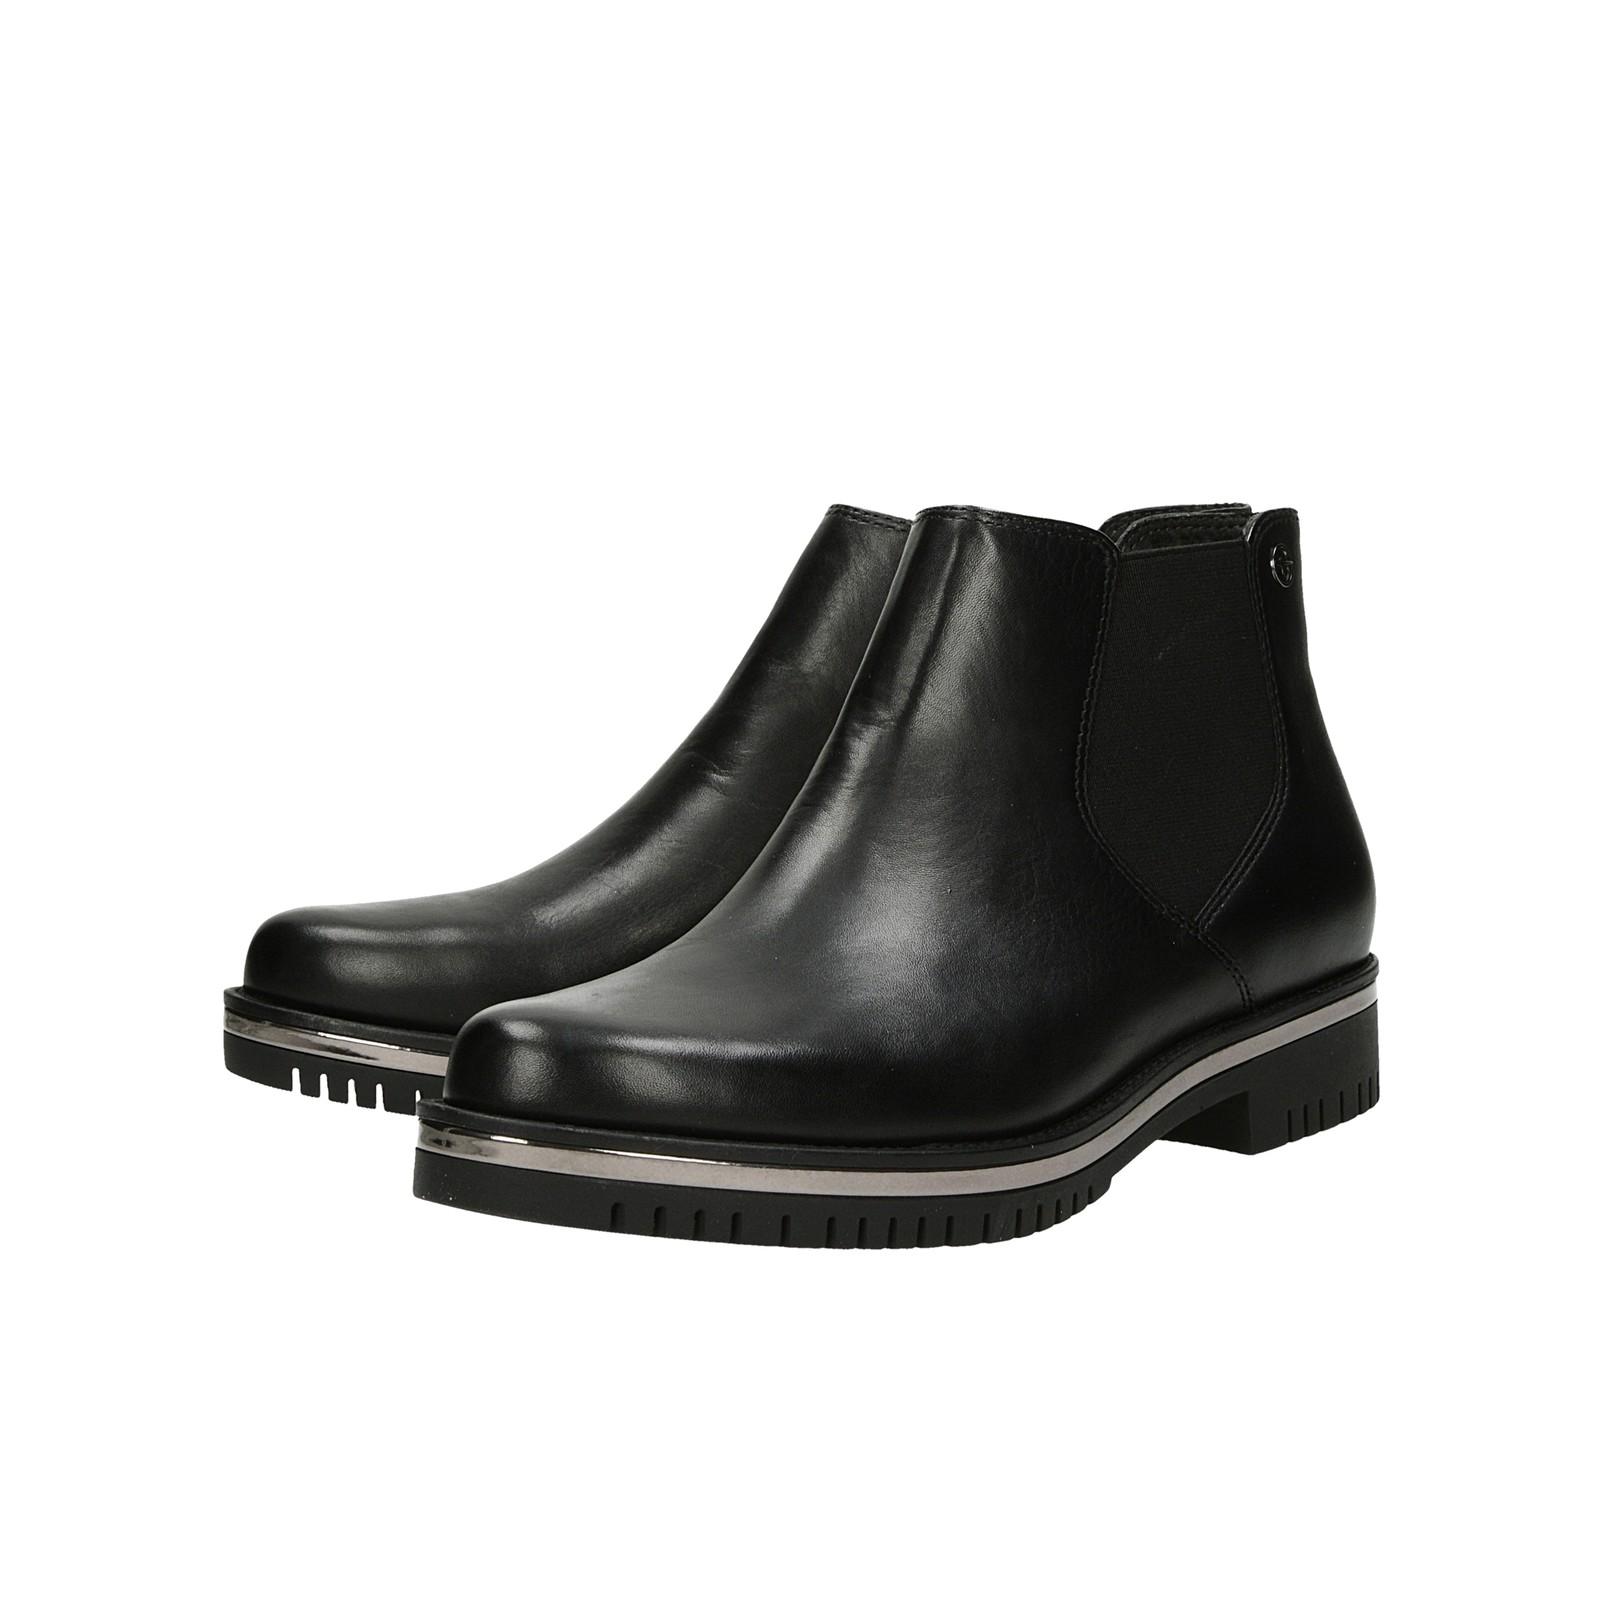 942e116294 ... Tamaris dámské kožené kotníkové boty - černé ...